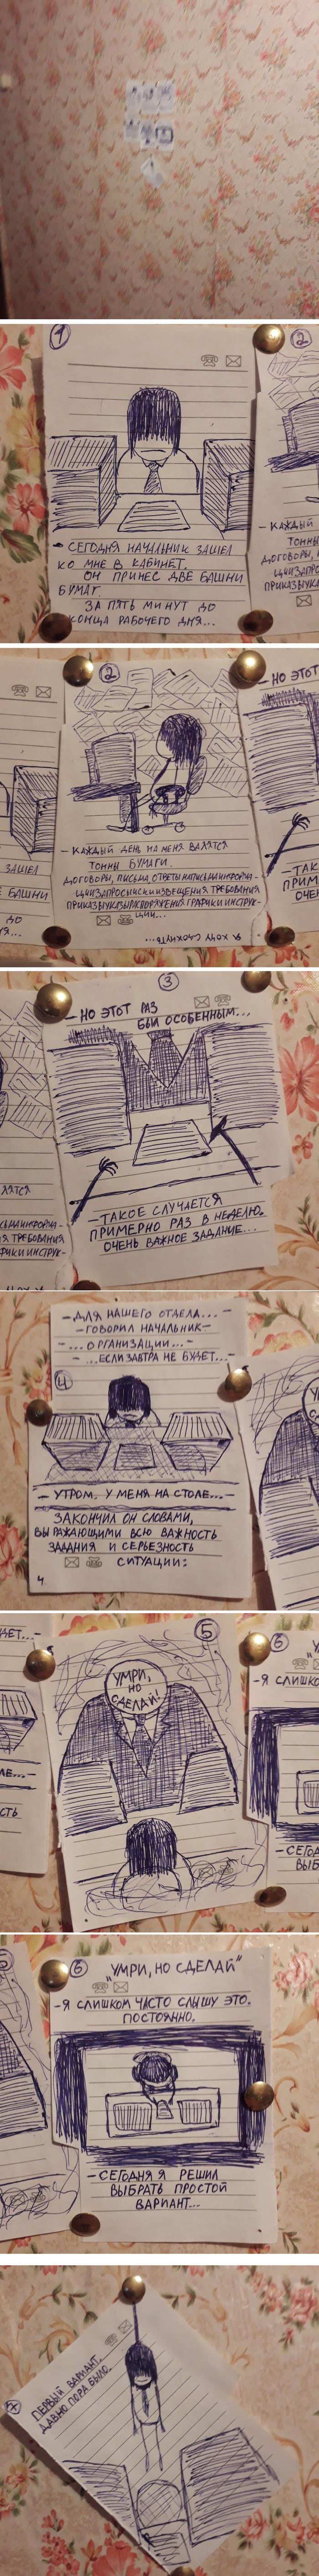 Правильный ответ на главный вопрос Камю. Комиксы, Философия, Экзистенциализм, Длиннопост, Негатив